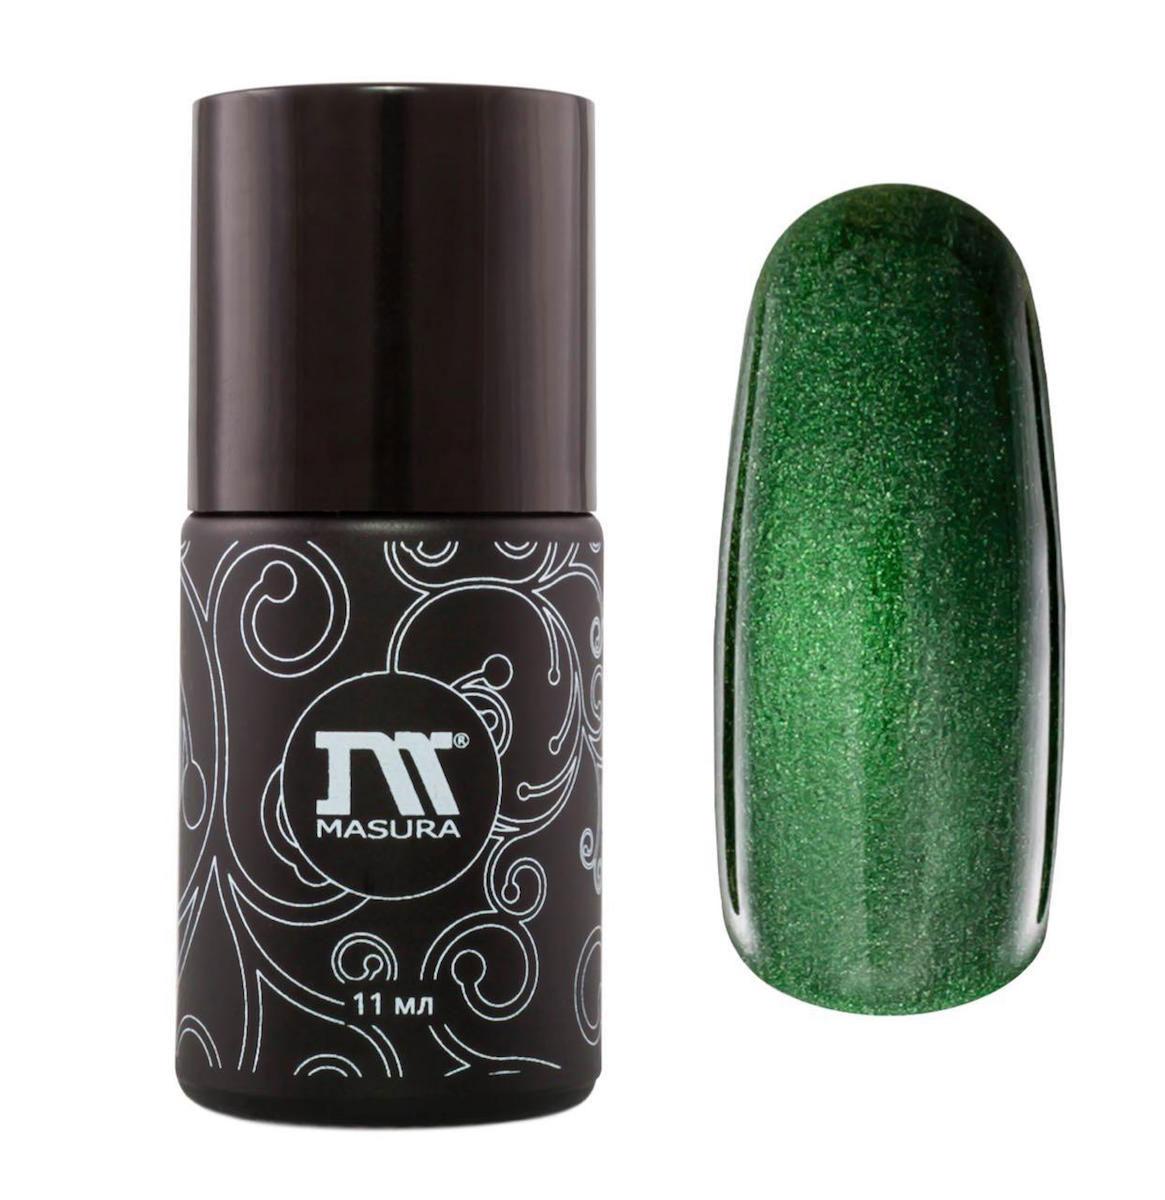 Masura Гель-лак трехфазный Фаберже, тон №295-03, 11 мл295-03SФаберже из коллекции гель-лаков Masura Драгоценные камни - это превосходный теплый изумрудно-зеленый оттенок, с зеркальным переливом, плотный.Маникюр с данным гель-лаком подойдет не только для особого случая, но и на каждый день, не надоест и сможет выгодно подчеркнуть любой образ. Этот насыщенный оттенок отлично сочетается с любыми цветами в одежде, а невероятный эффект, созданный при помощи магнита, придаст каждому ноготку уникальный и неповторимый вид. С помощью магнита вы можете вывести на первый план серебро лака либо сам оттенок; один лак сочетает в себе множество возможностей для дизайна и нэйл-арта. Ко всему вышеперечисленному, вы можете использовать слайдер-дизайн или стемпинг. Тогда маникюр начнет играть новыми, удивительными красками, создавая образ неповторимой, творческой личности. Используя данный гель-лак Masura, вы станете обладательницей исключительного рисунка на ваших ноготках и привлечете к себе внимание окружающих. Товар сертифицирован.